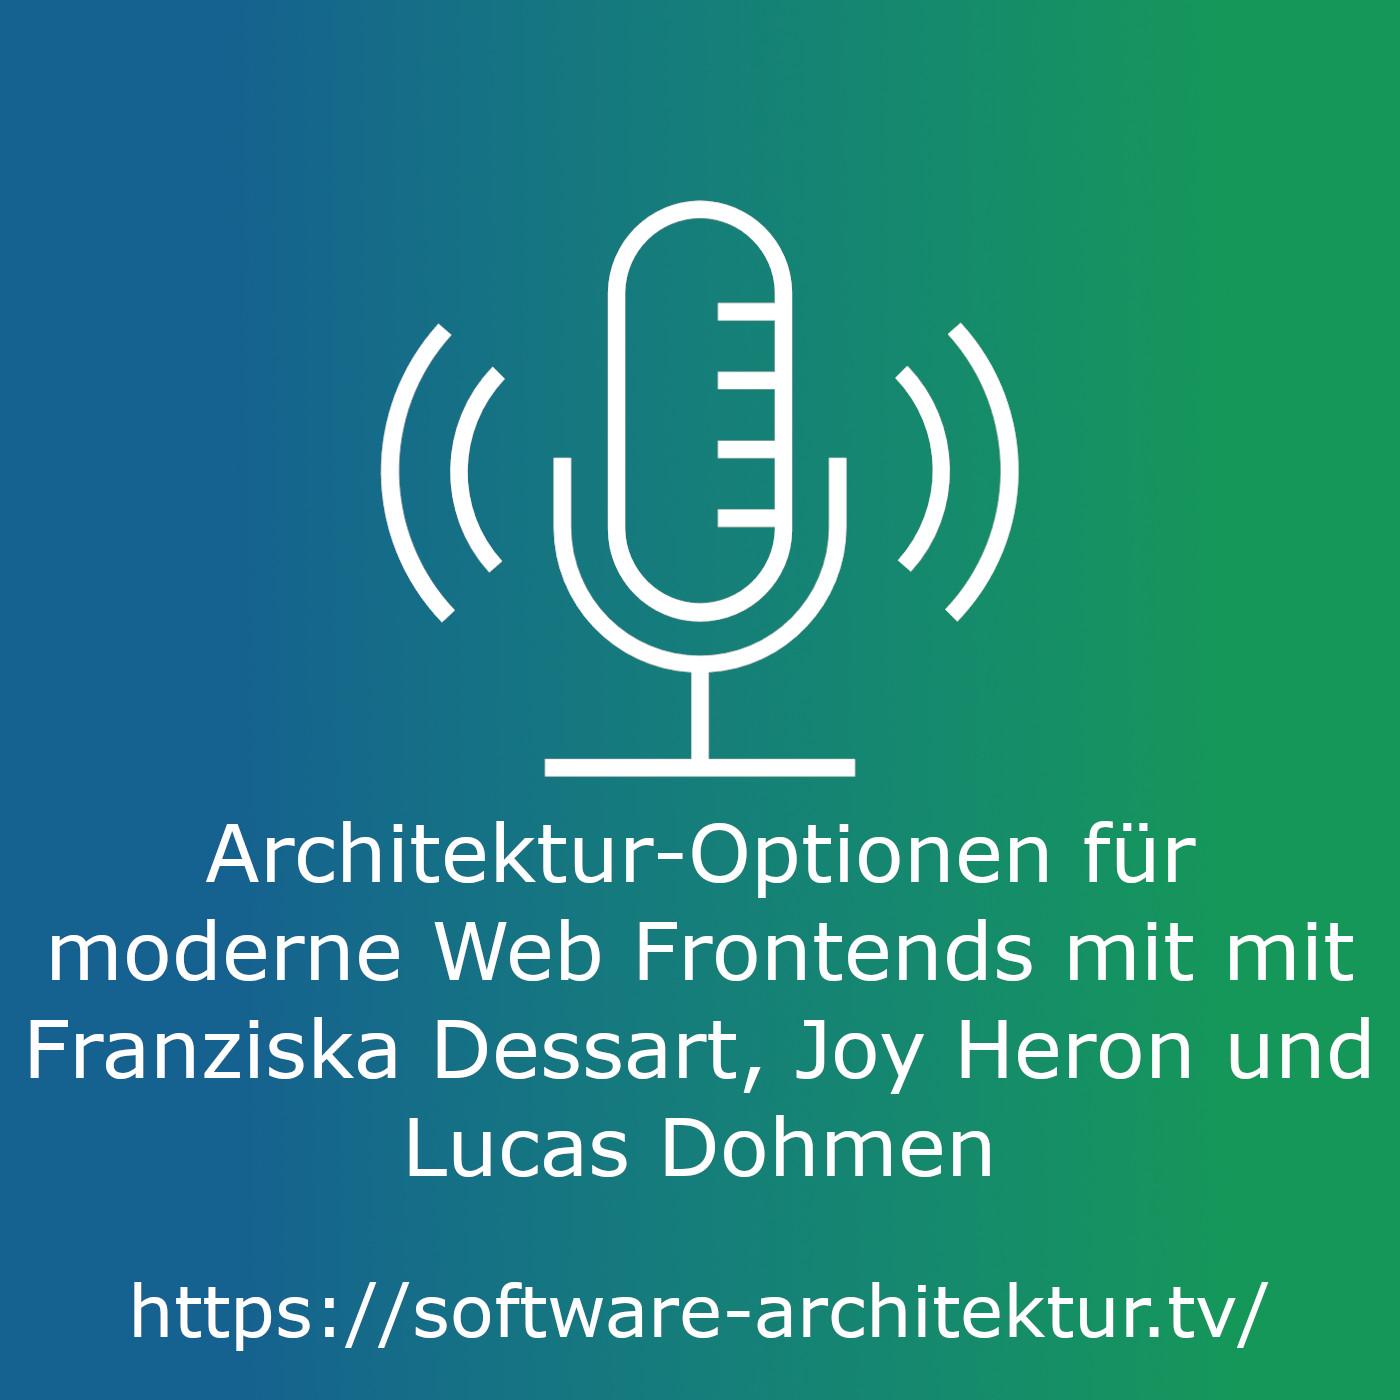 Architektur-Optionen für moderne Web Frontends mit Franziska Dessart, Joy Heron und Lucas Dohmen